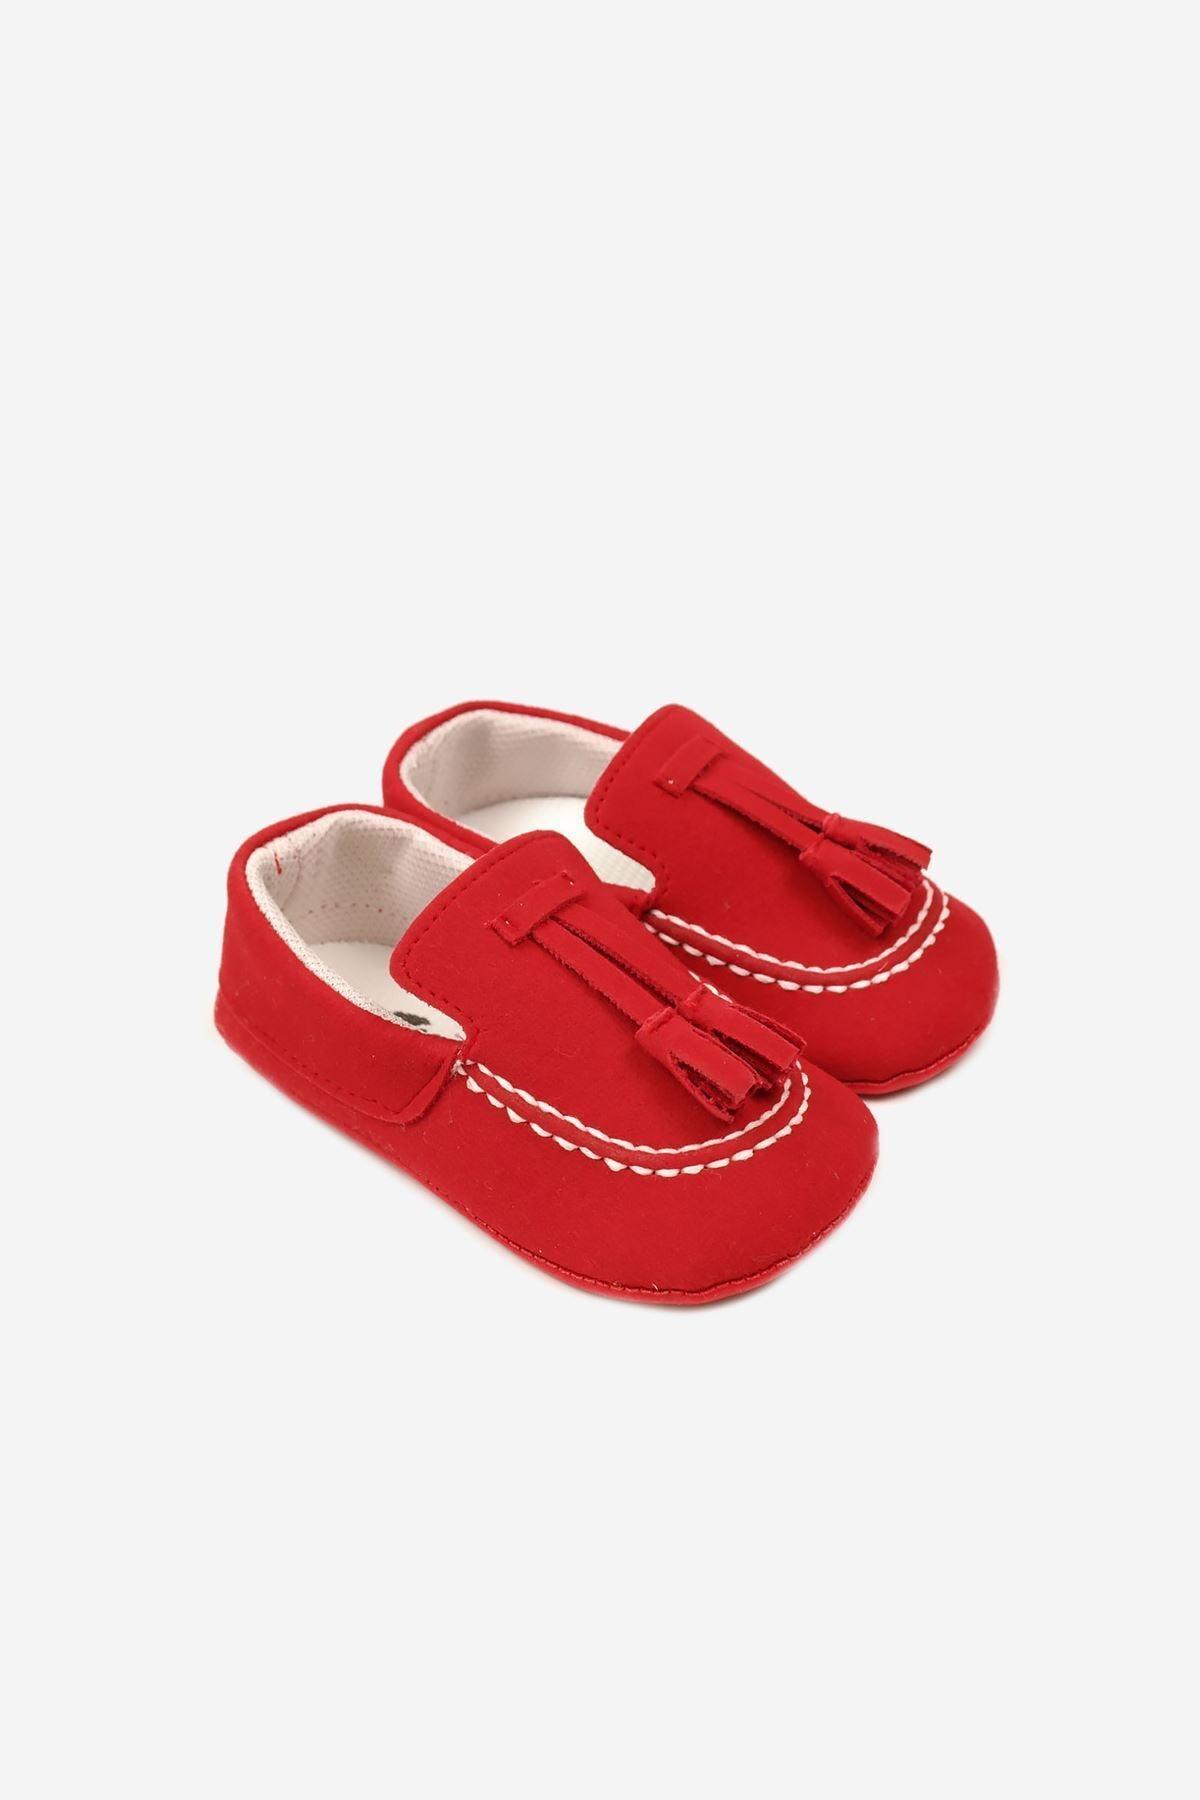 Funny Baby Lastikli Cırtlı Çocuk Yürüyüş Ve Spor Ayakkabısı 1